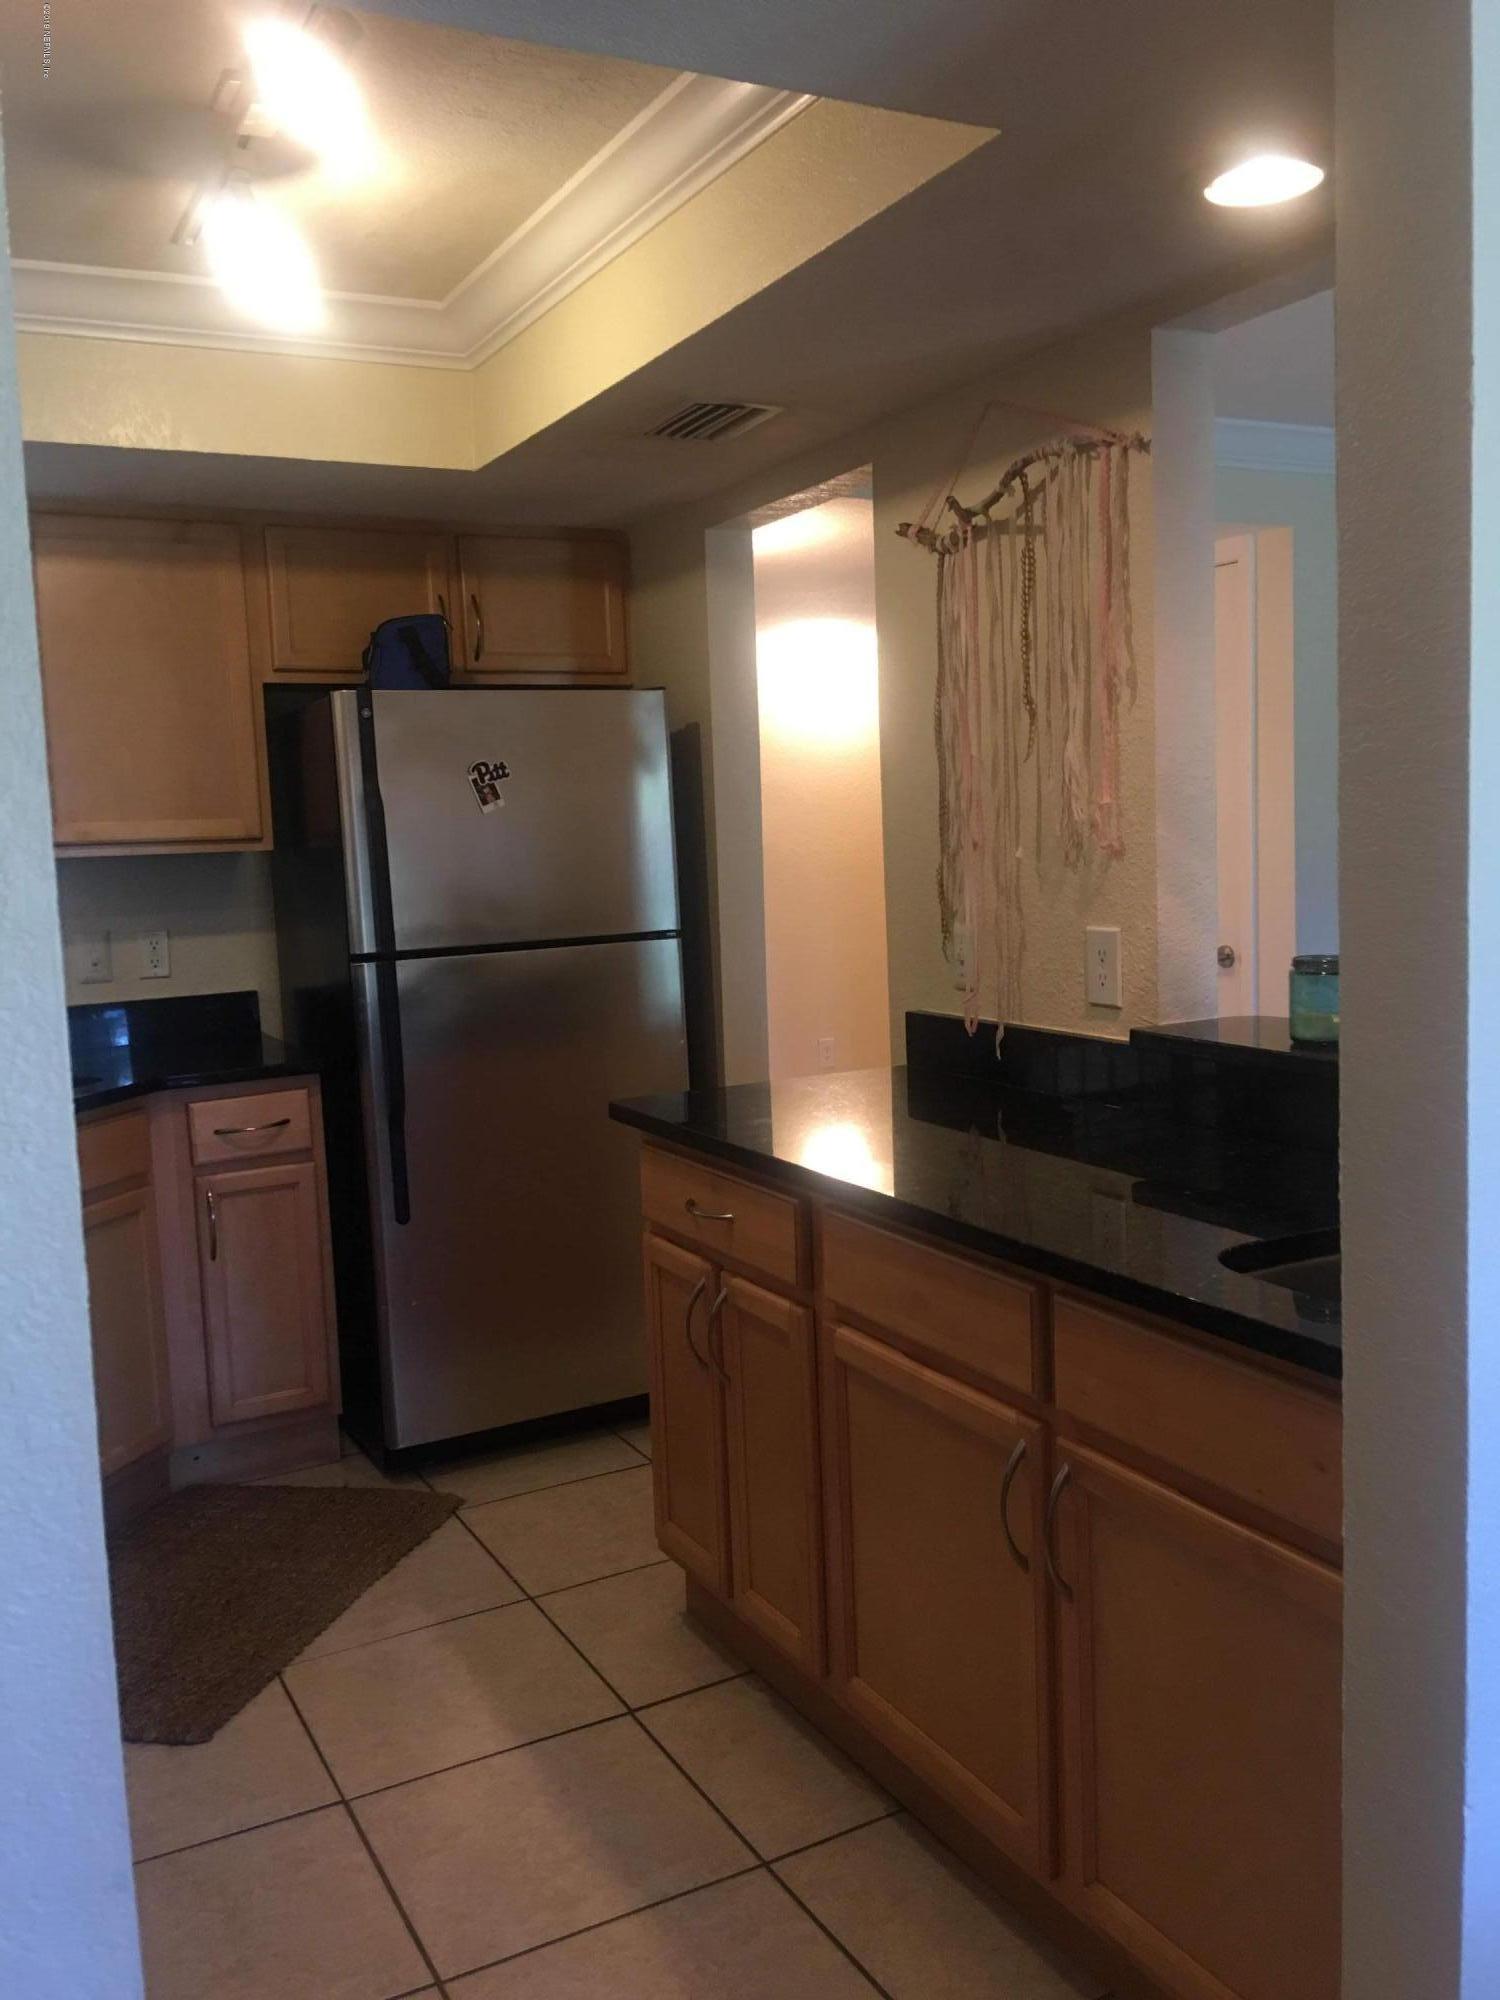 840 SHORELINE, PONTE VEDRA BEACH, FLORIDA 32082, 2 Bedrooms Bedrooms, ,2 BathroomsBathrooms,Residential - condos/townhomes,For sale,SHORELINE,979315